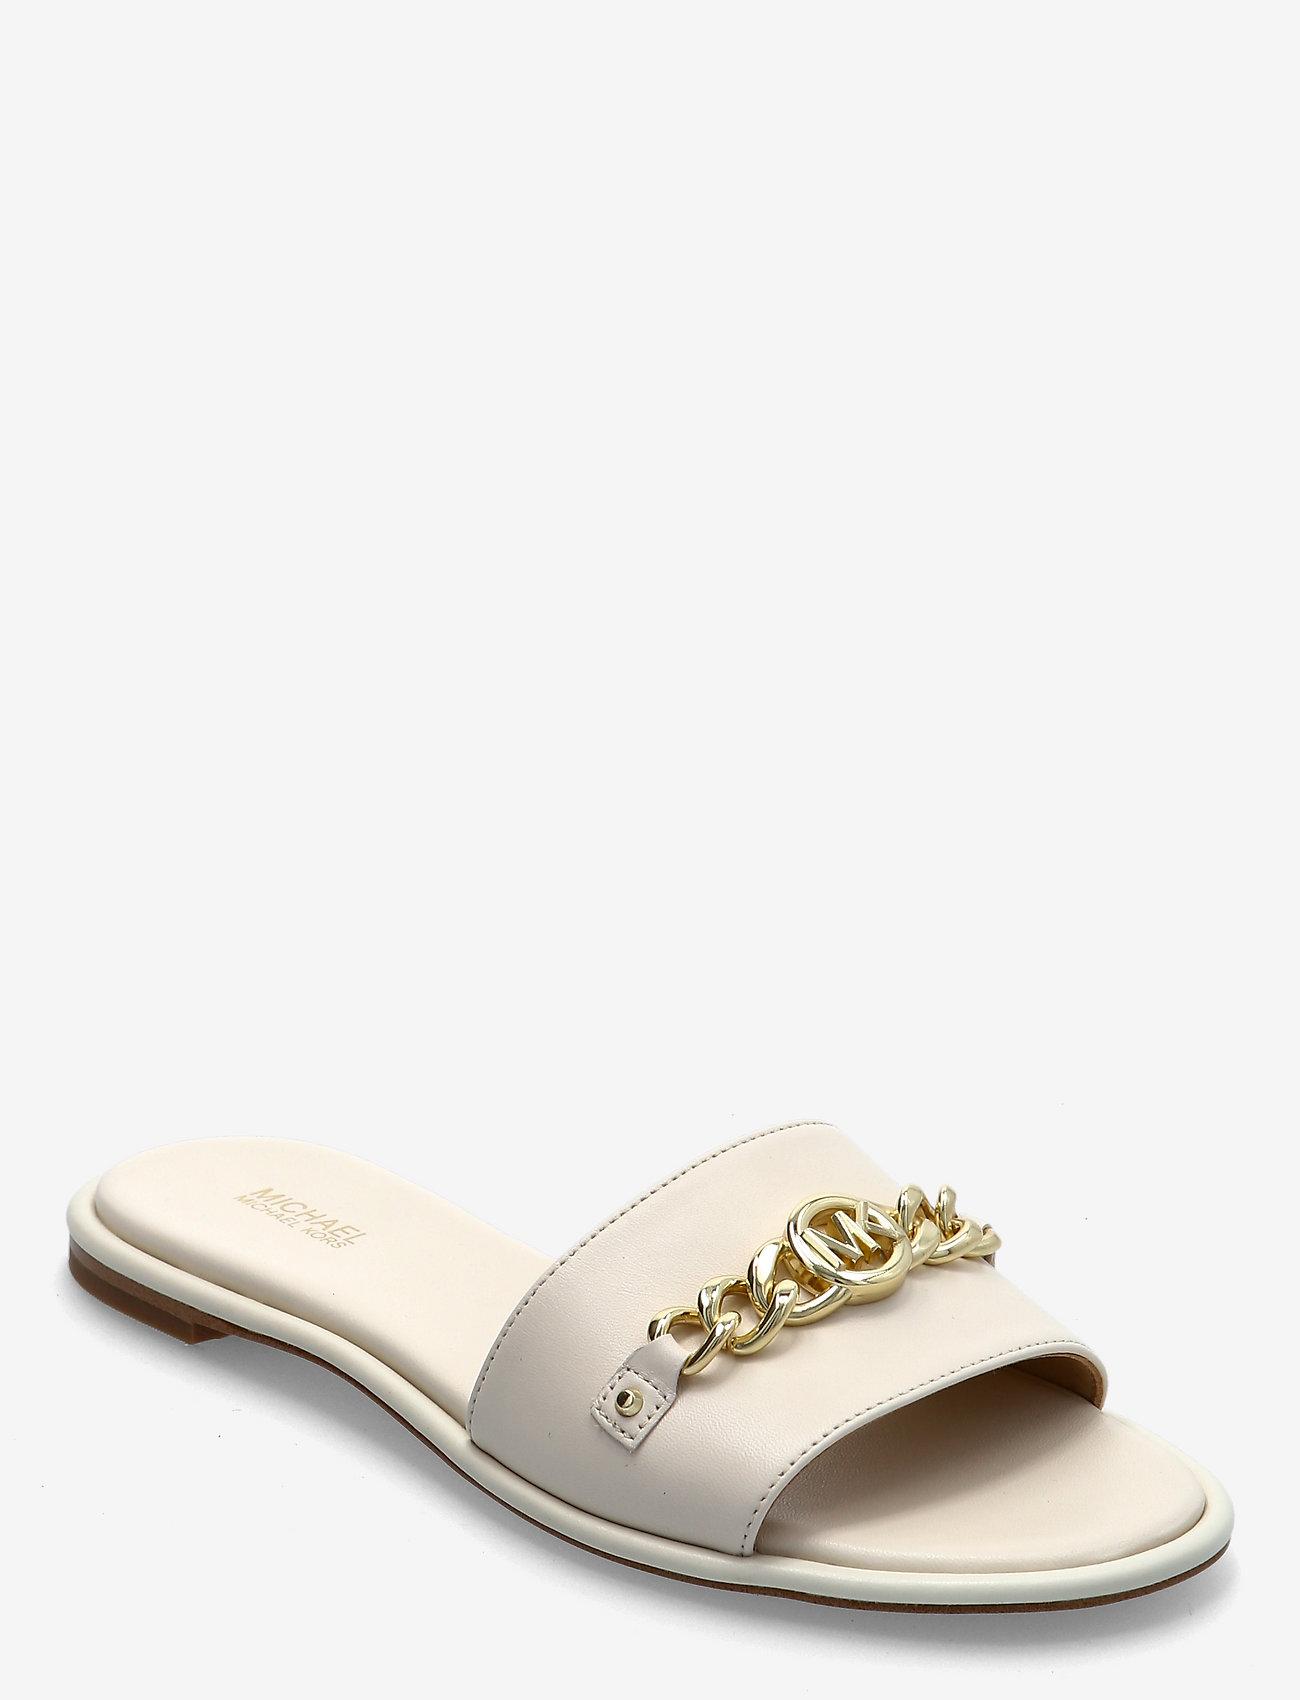 Michael Kors - RINA SLIDE - platte sandalen - lt cream - 0